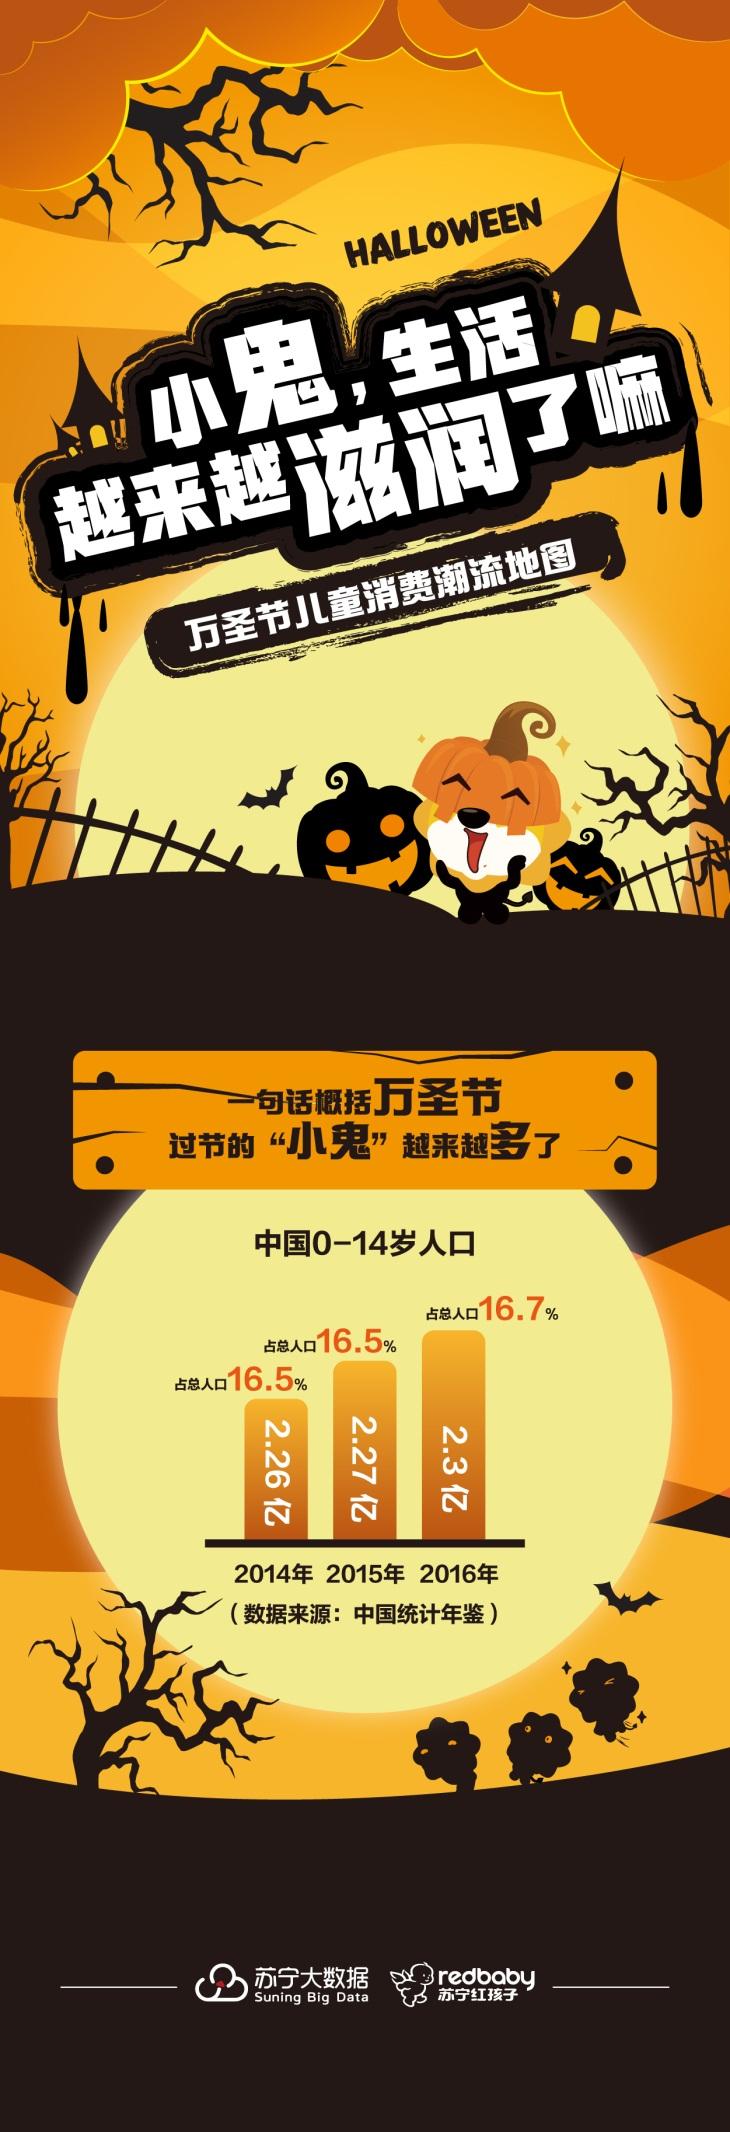 苏宁发布万圣节消费报告预热双十一:上海娃最爱美国队长面具